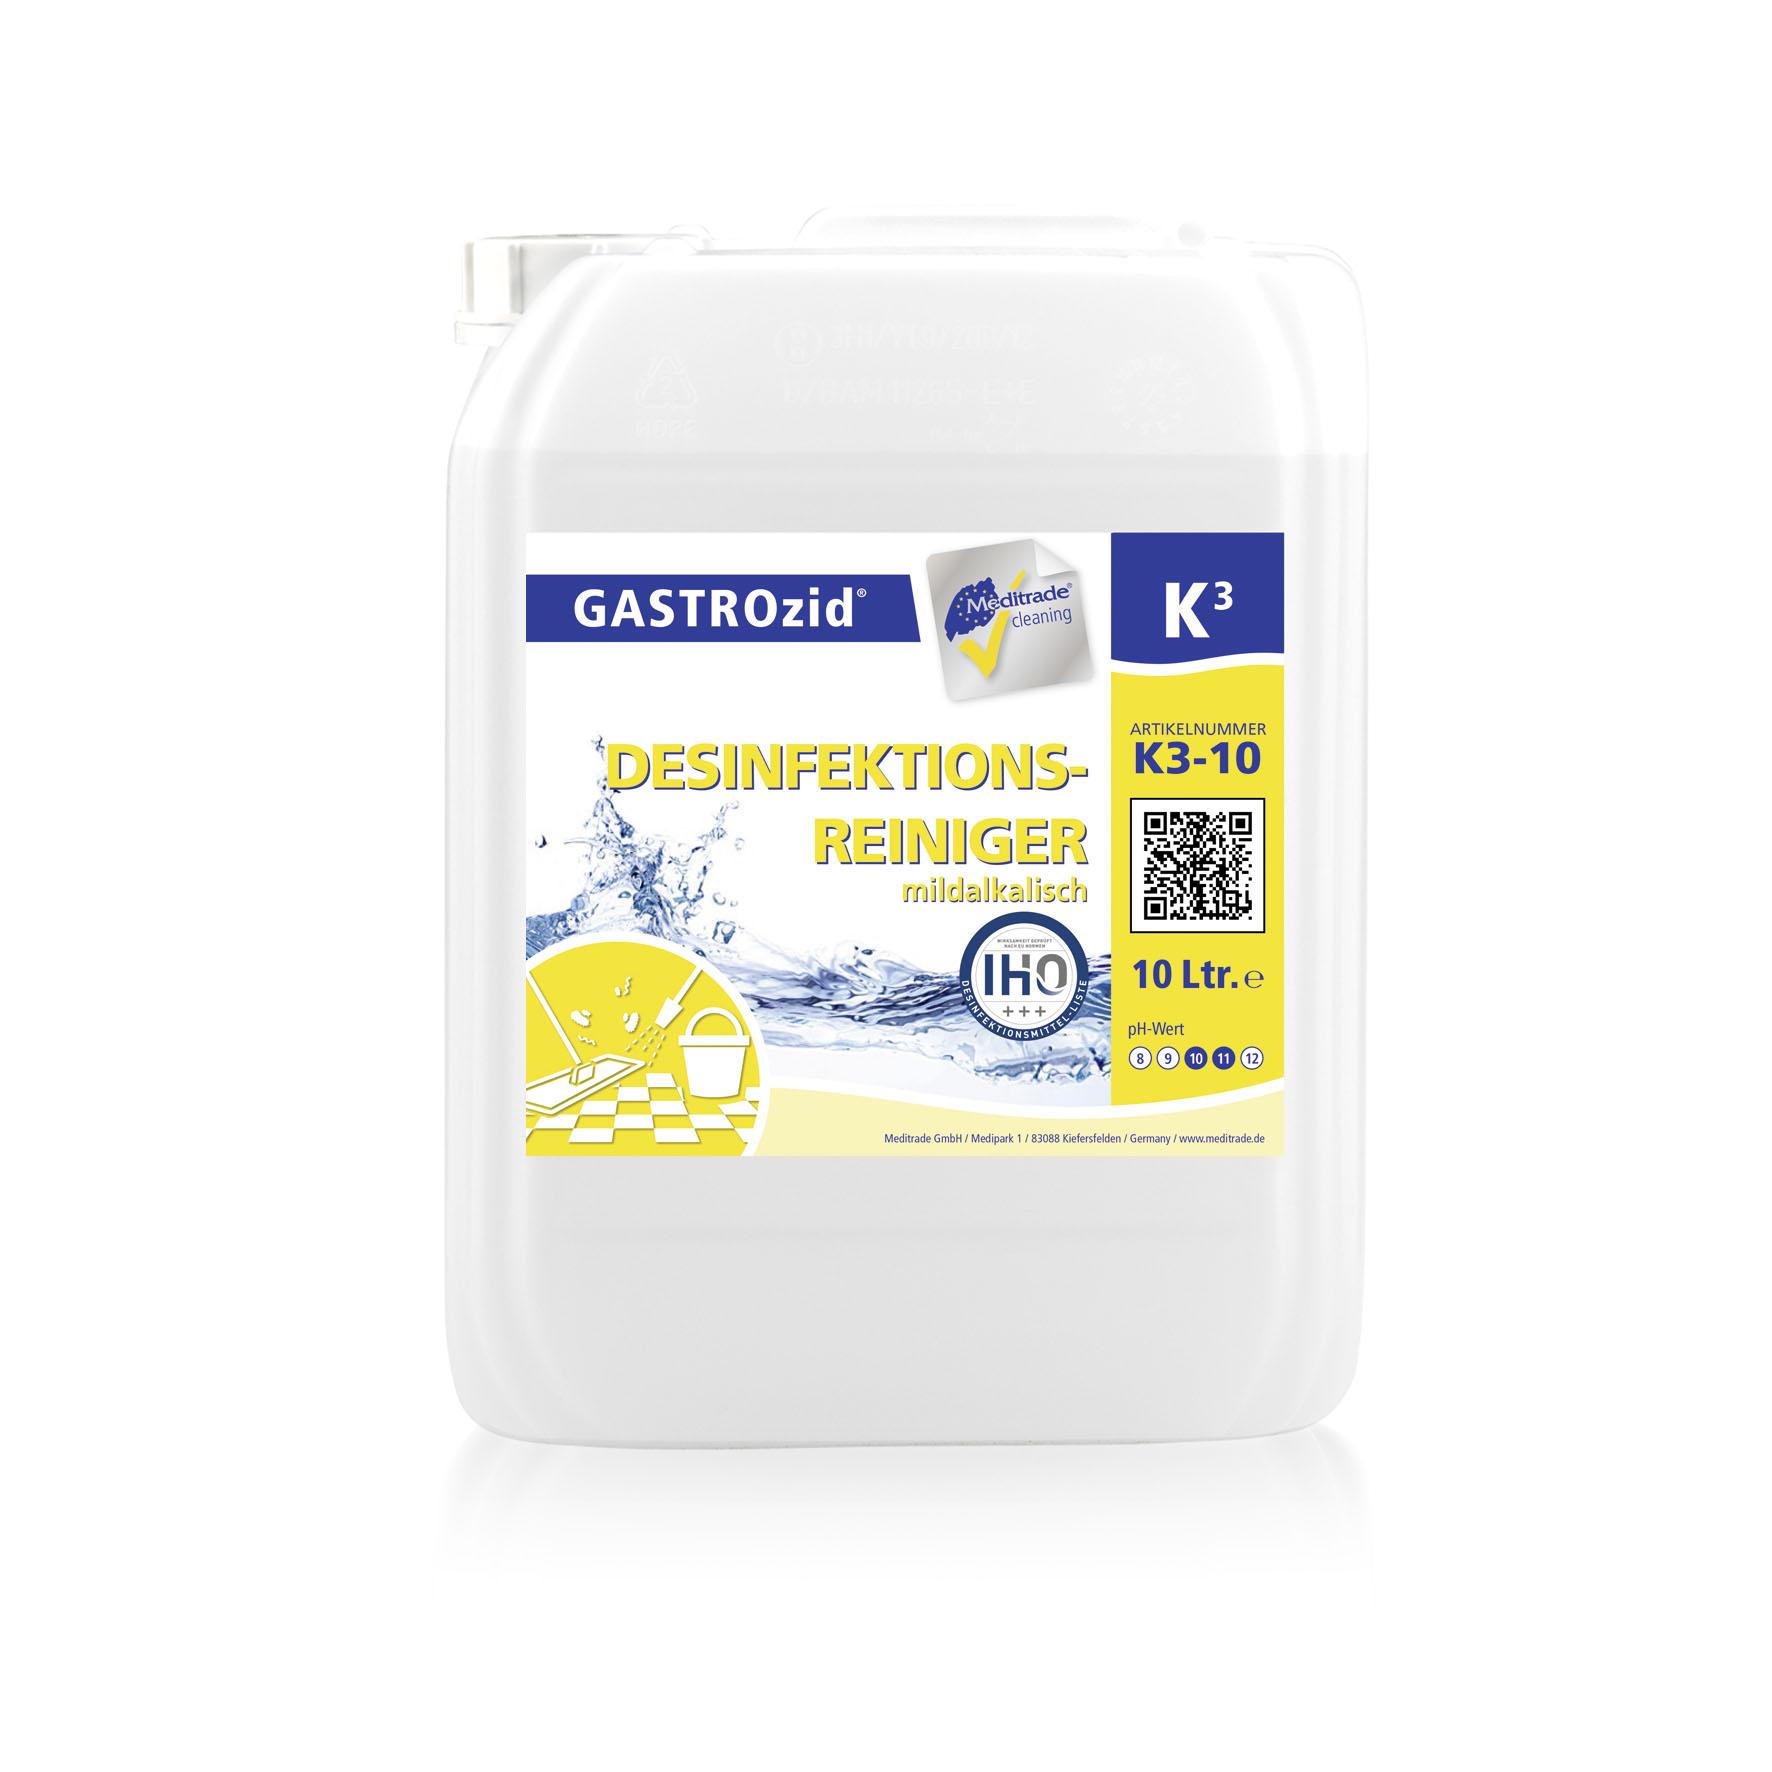 K3 Desinfektionsreiniger | mildalkalisch